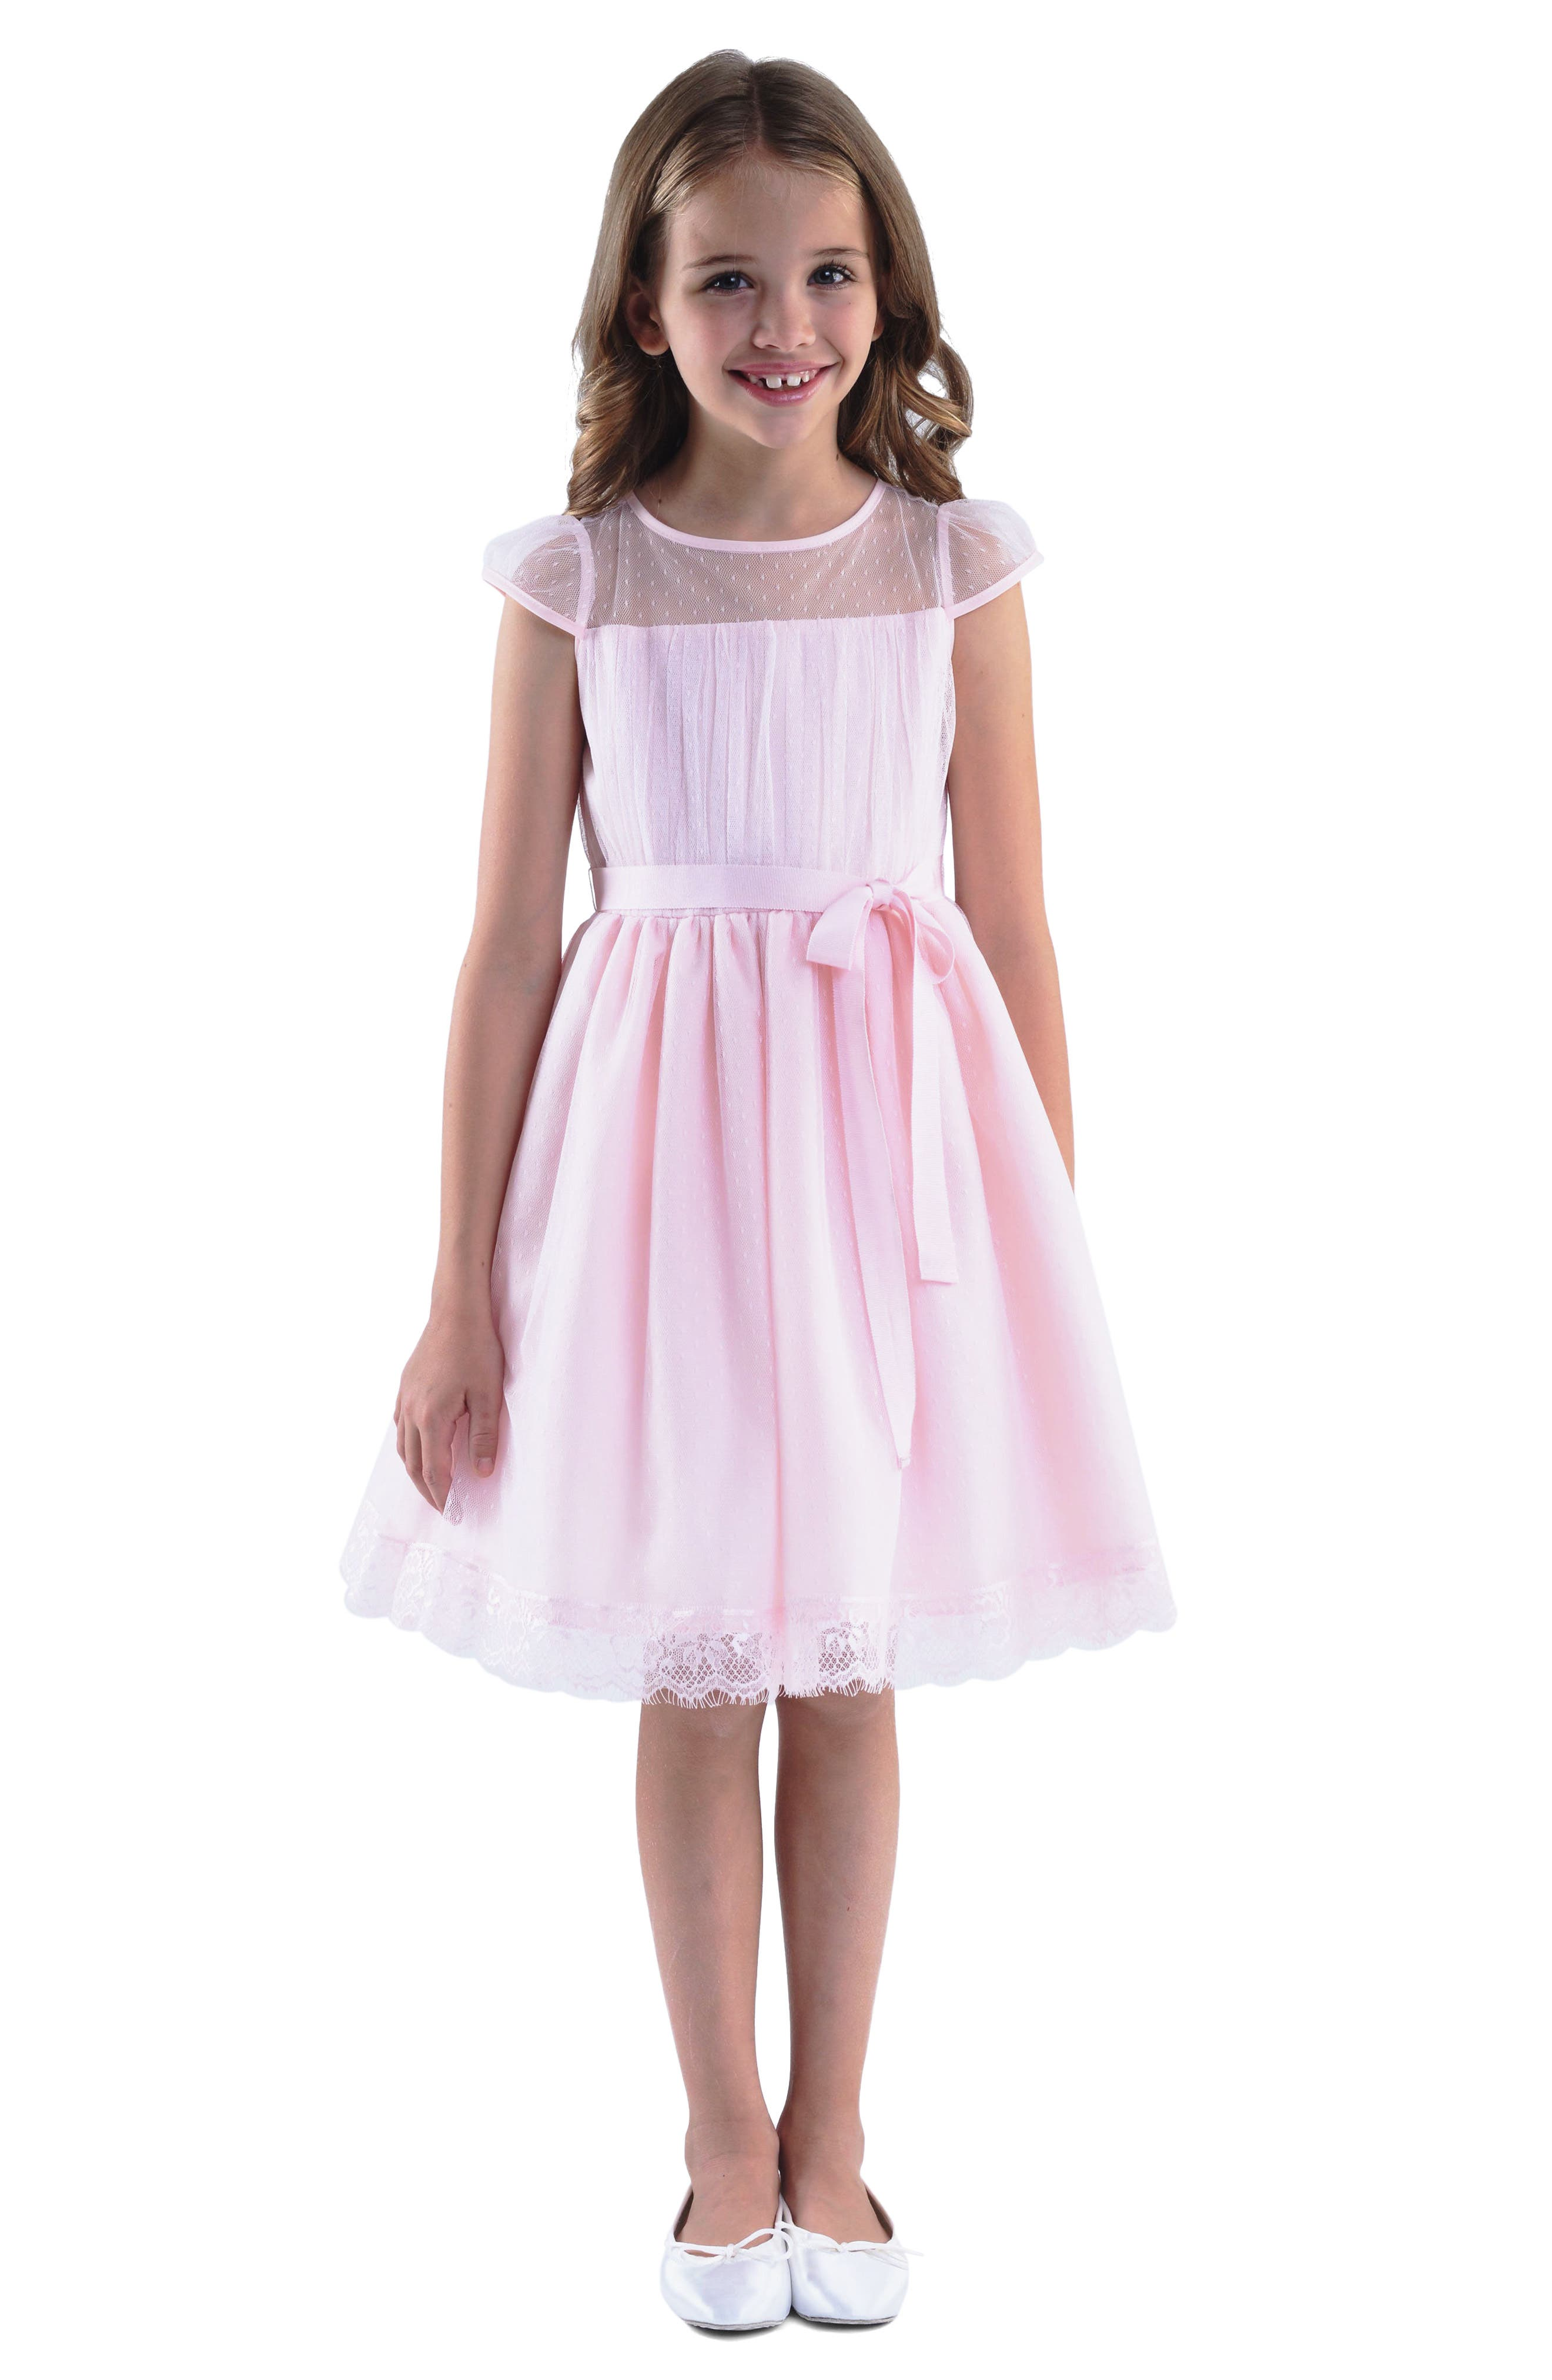 Point d'Esprit Dress,                             Main thumbnail 1, color,                             BLUSH PINK